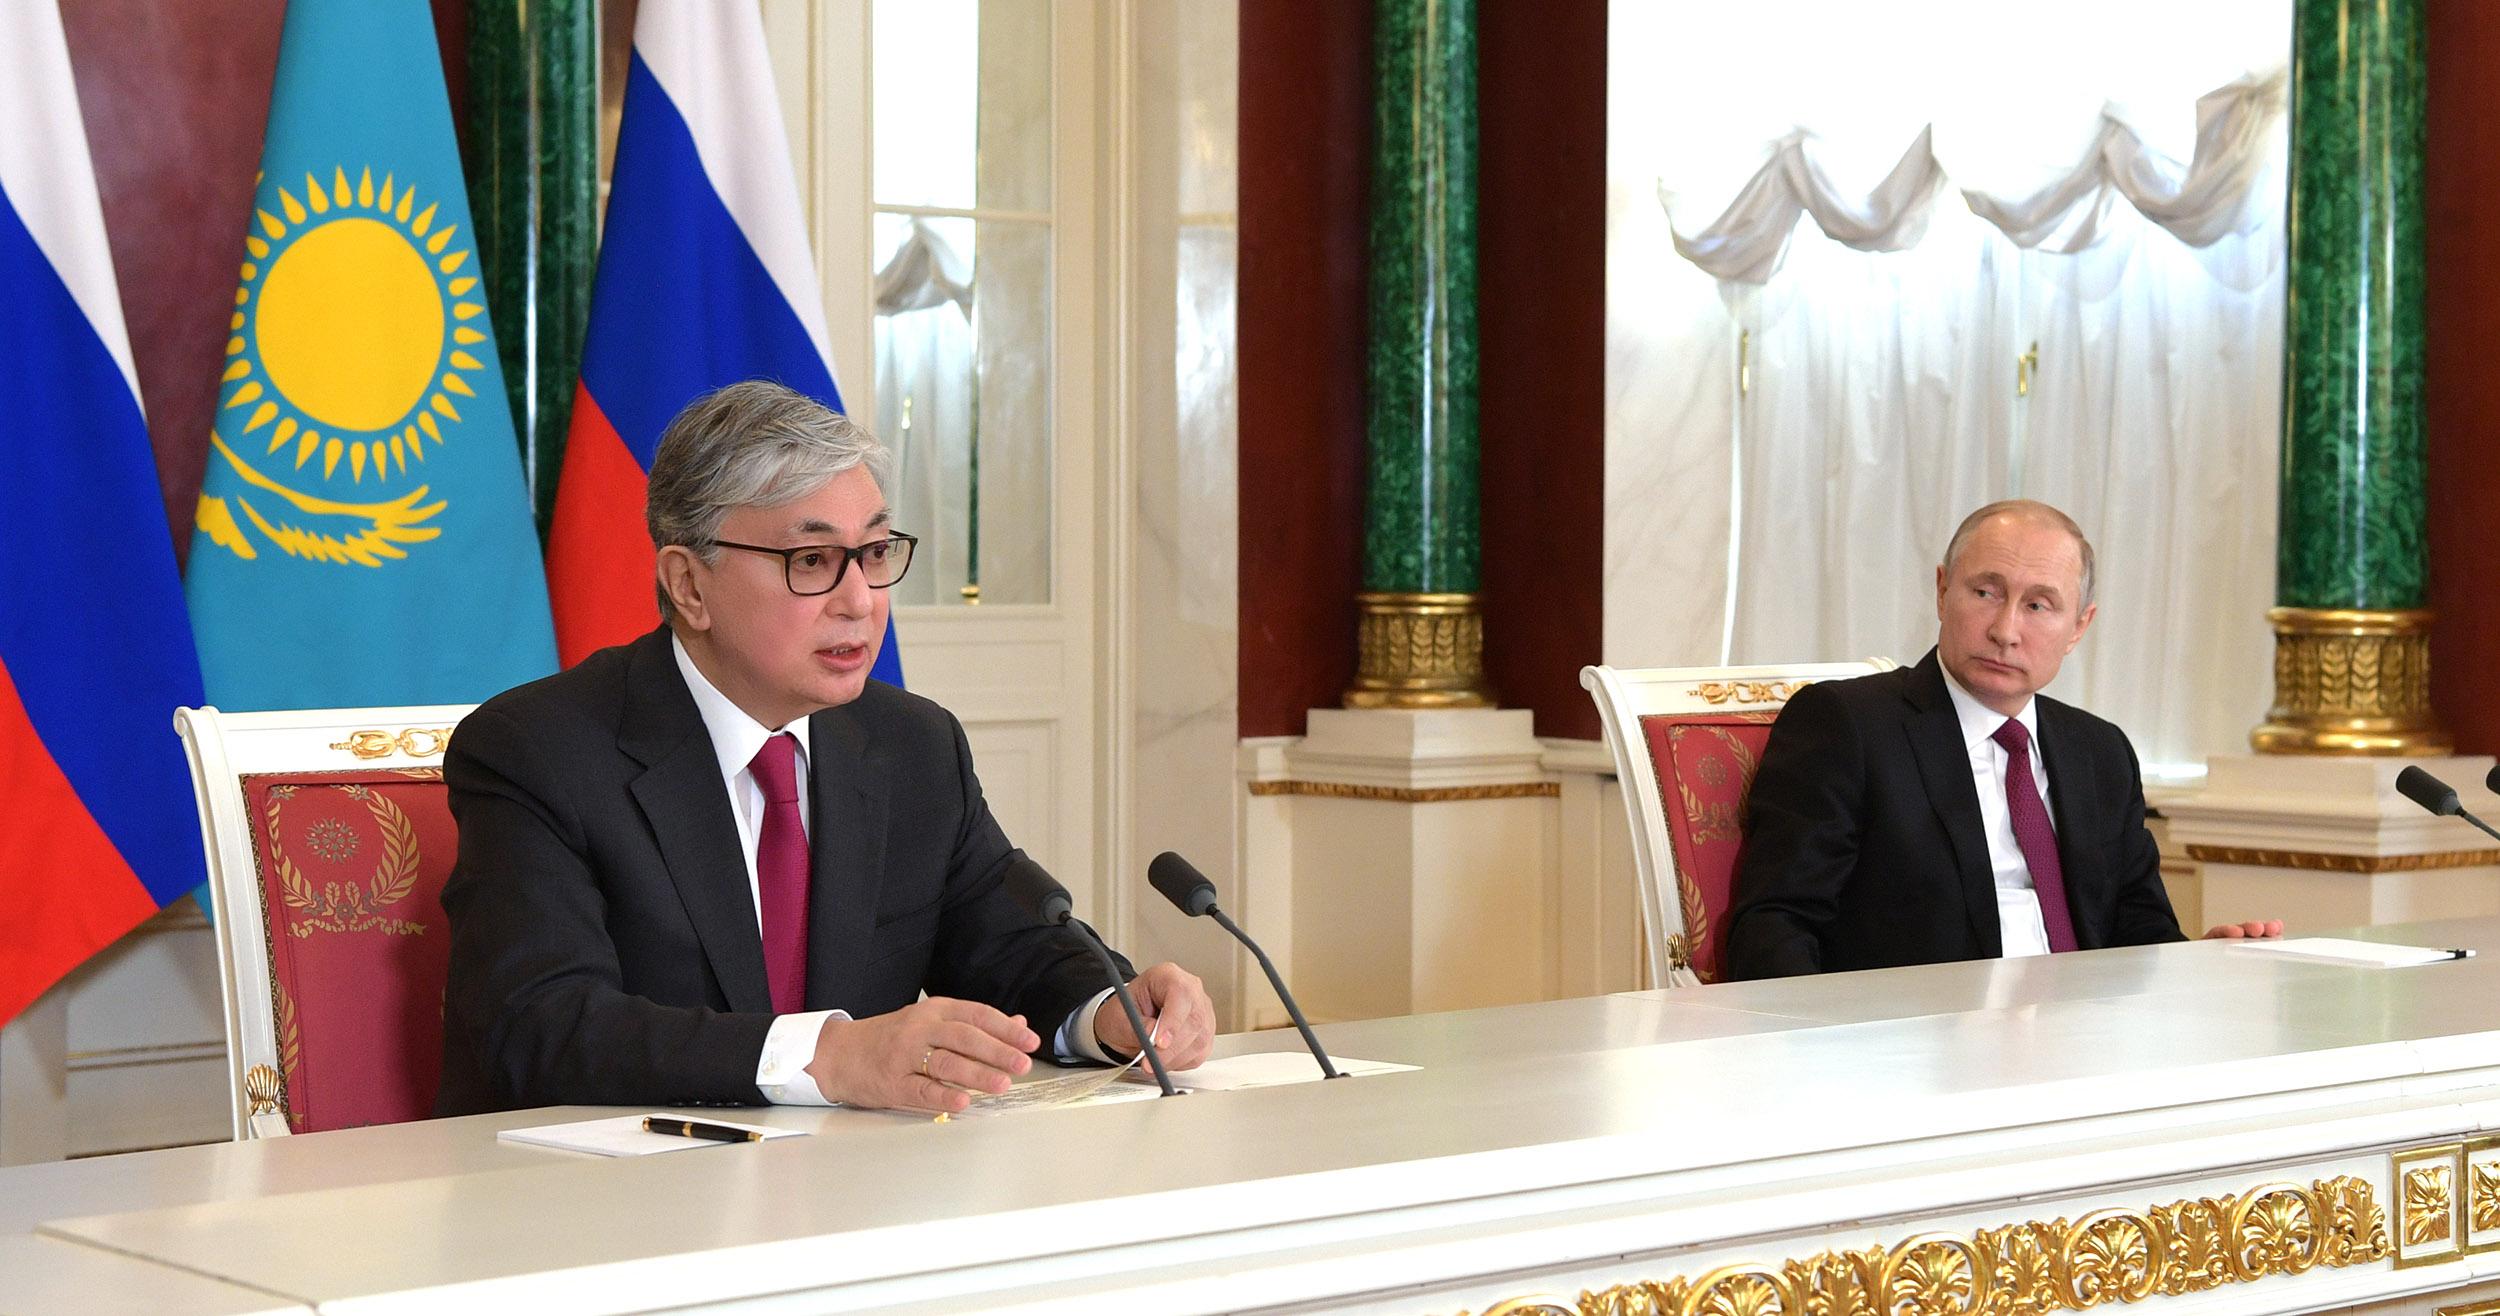 总统:哈萨克斯坦与俄罗斯将延续友好关系